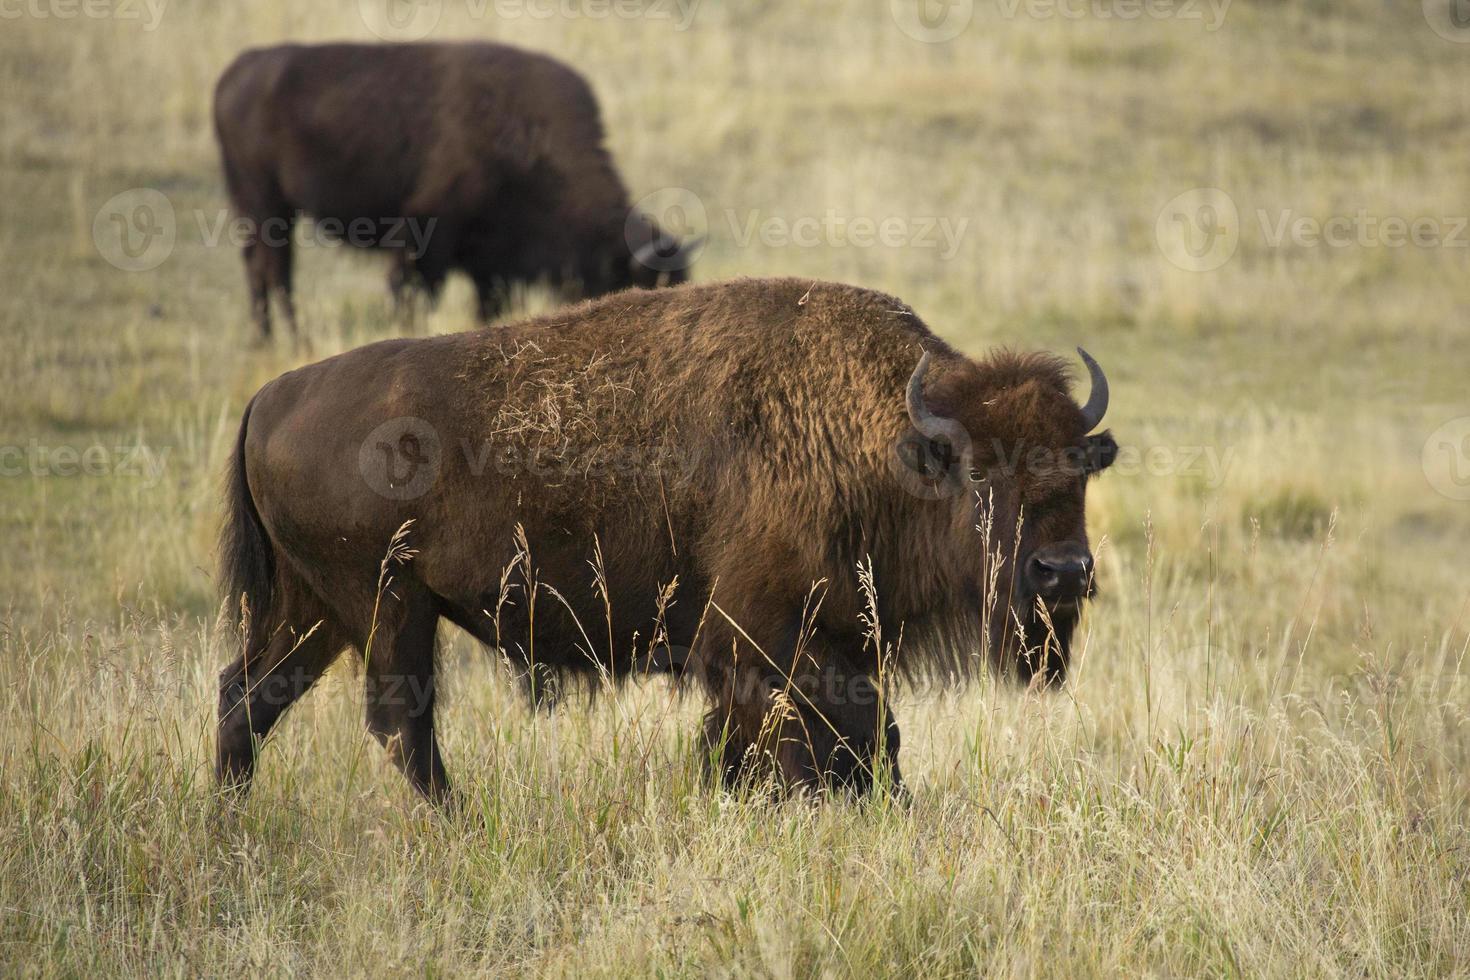 grande bisão navegando nas pastagens do parque nacional de yellowstone, wyoming. foto